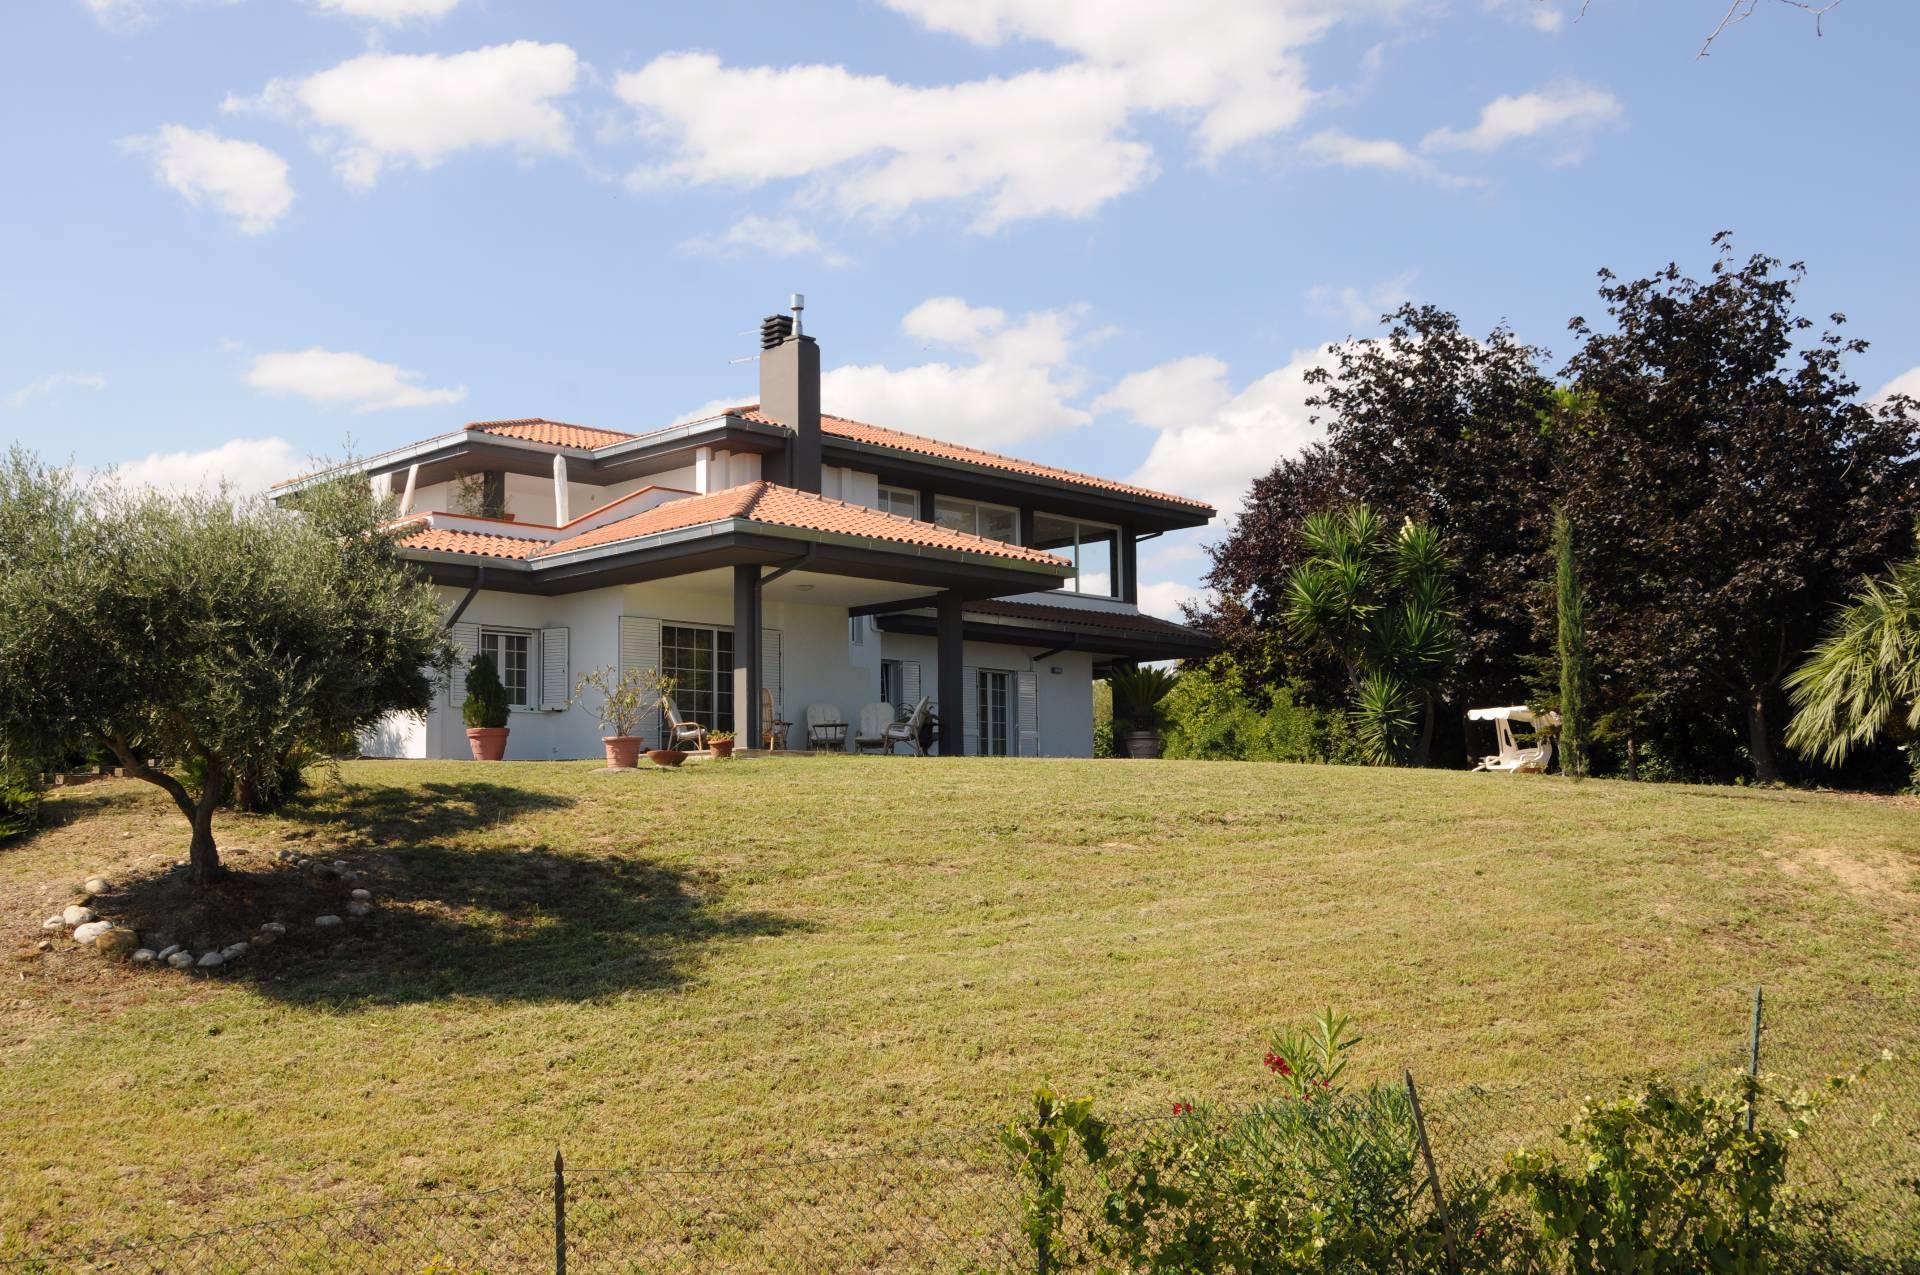 Villa in vendita a Roseto degli Abruzzi, 9 locali, prezzo € 900.000 | Cambio Casa.it